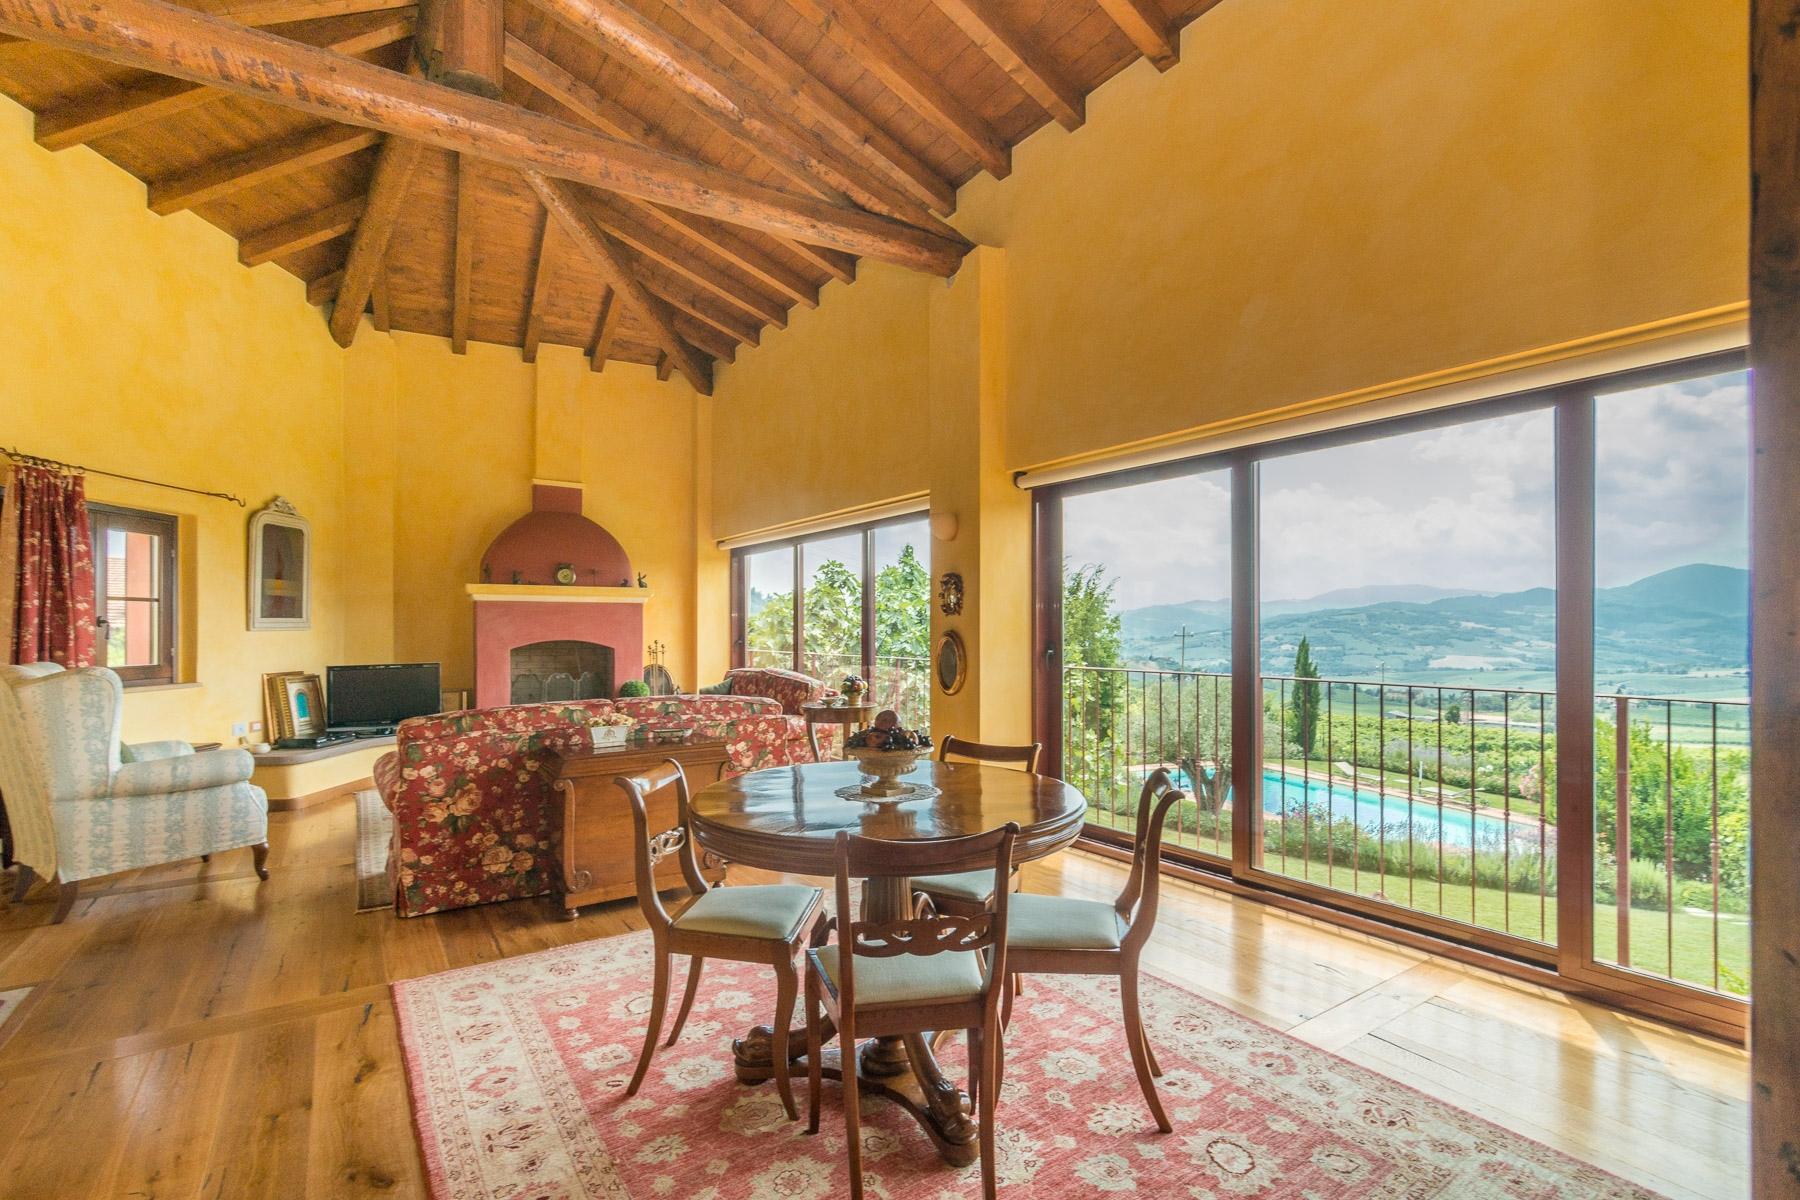 Casa indipendente in Vendita a Ziano Piacentino: 5 locali, 260 mq - Foto 17